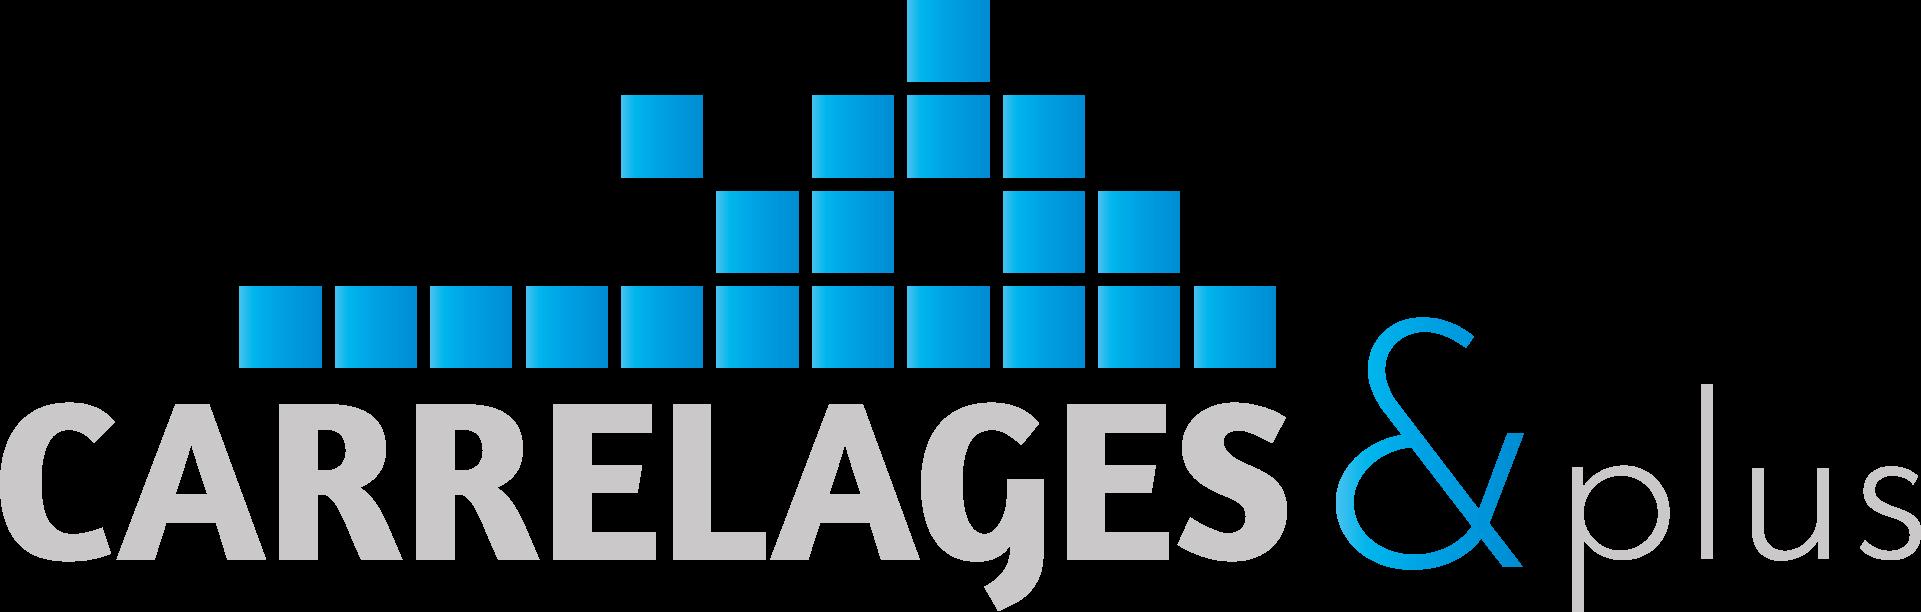 Carrelages & plus Logo